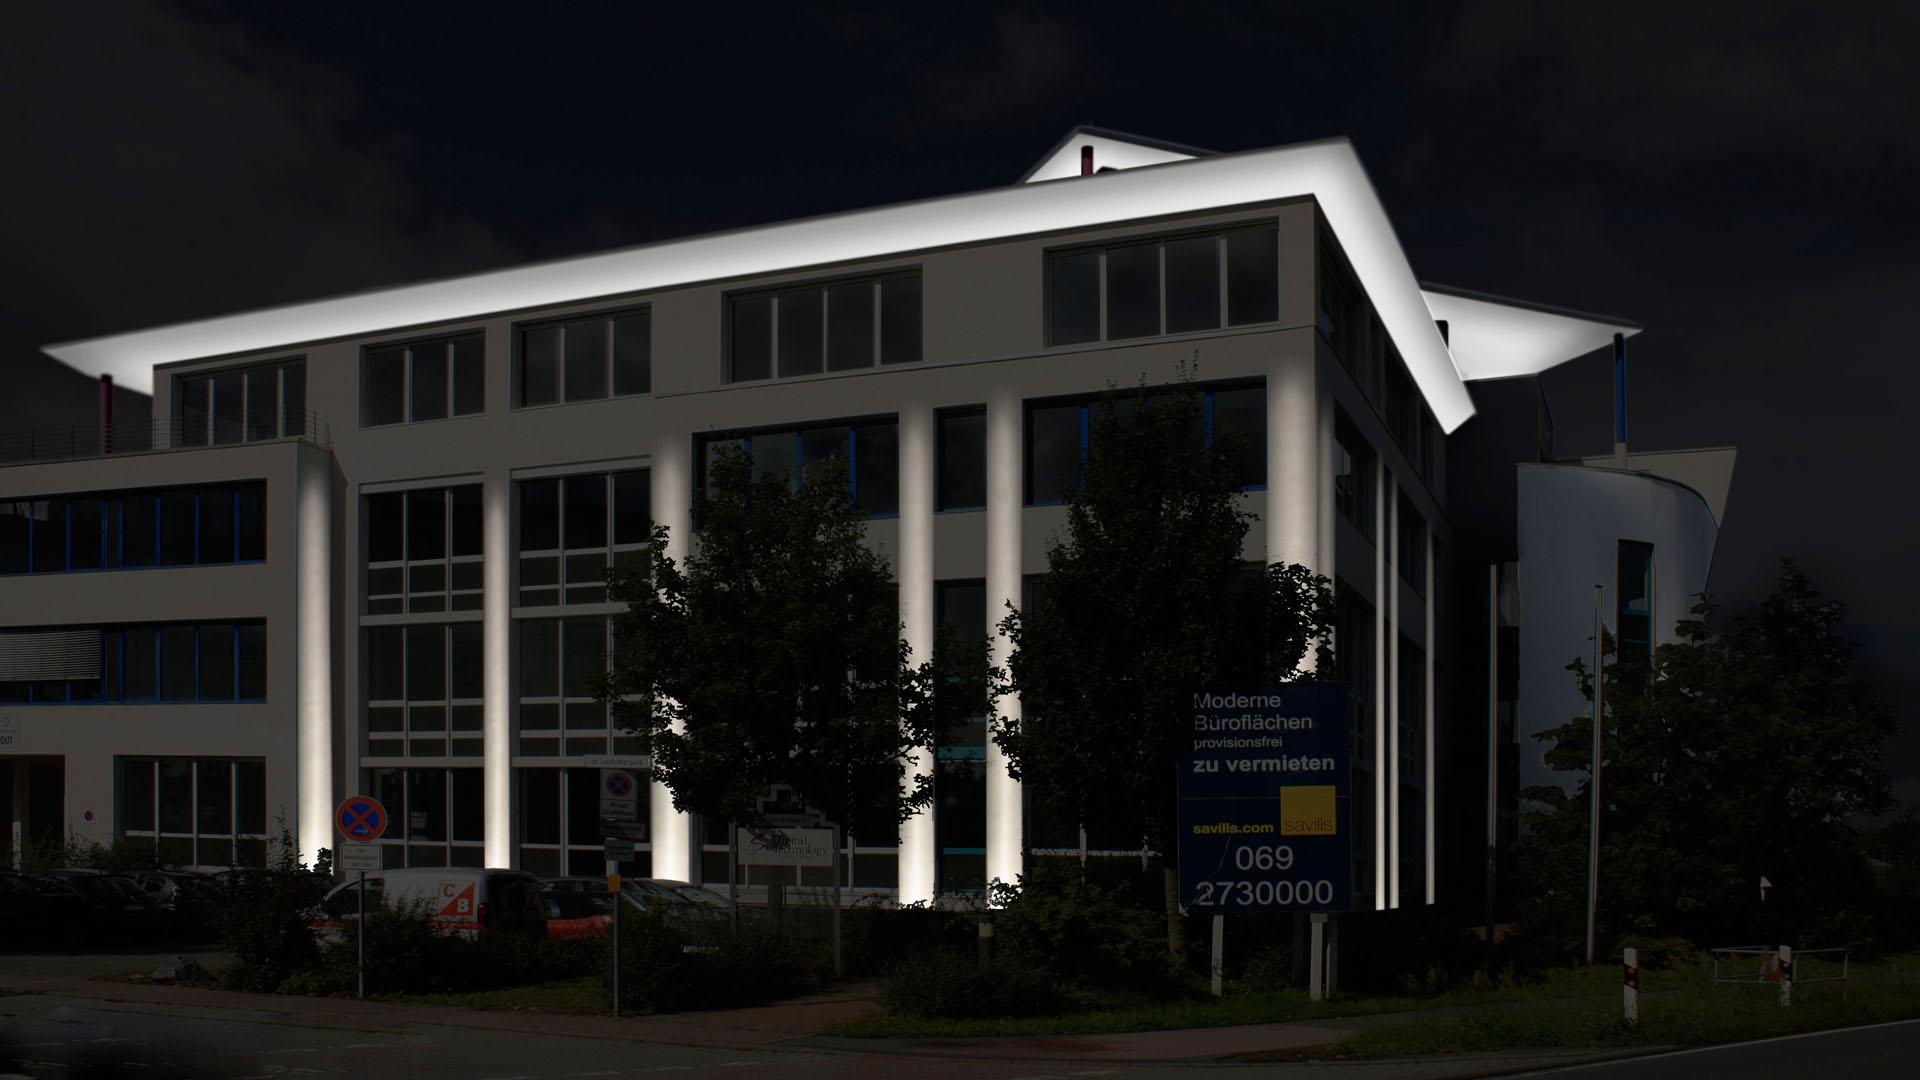 MAASS-Lichtplanung_Fassadenillumination in Darmstadt__MAASS-Leuschner-Park-003